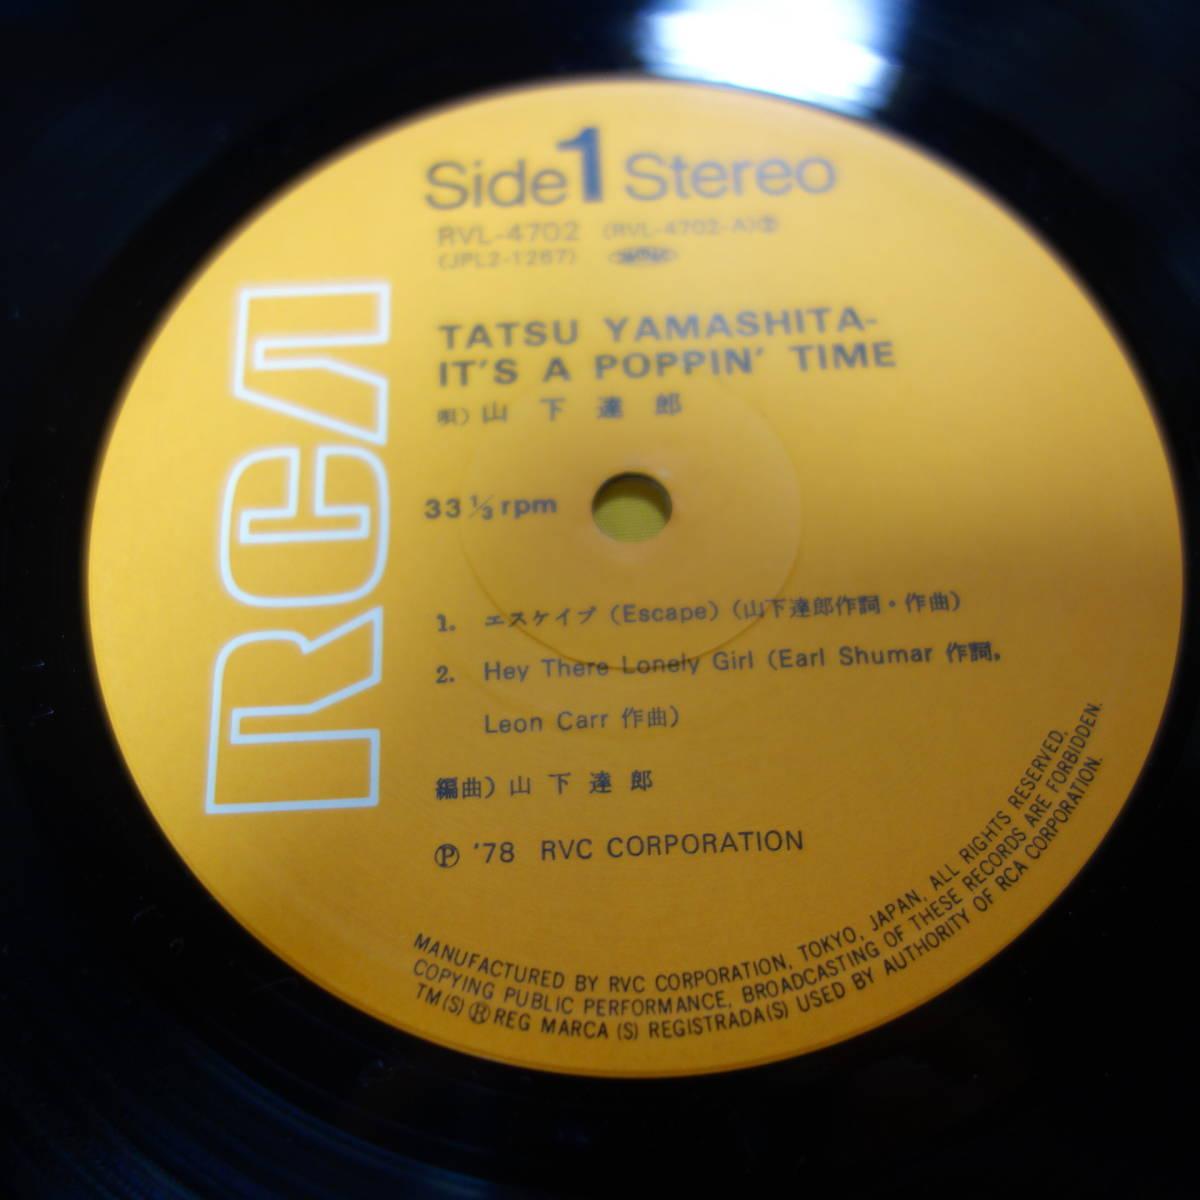 山下達郎 2枚組 RVL-4701~2 IT's A POPPIN' TIME / 帯付き 歌詞カード付き LP レコード アナログ盤 シティーポップ_画像6